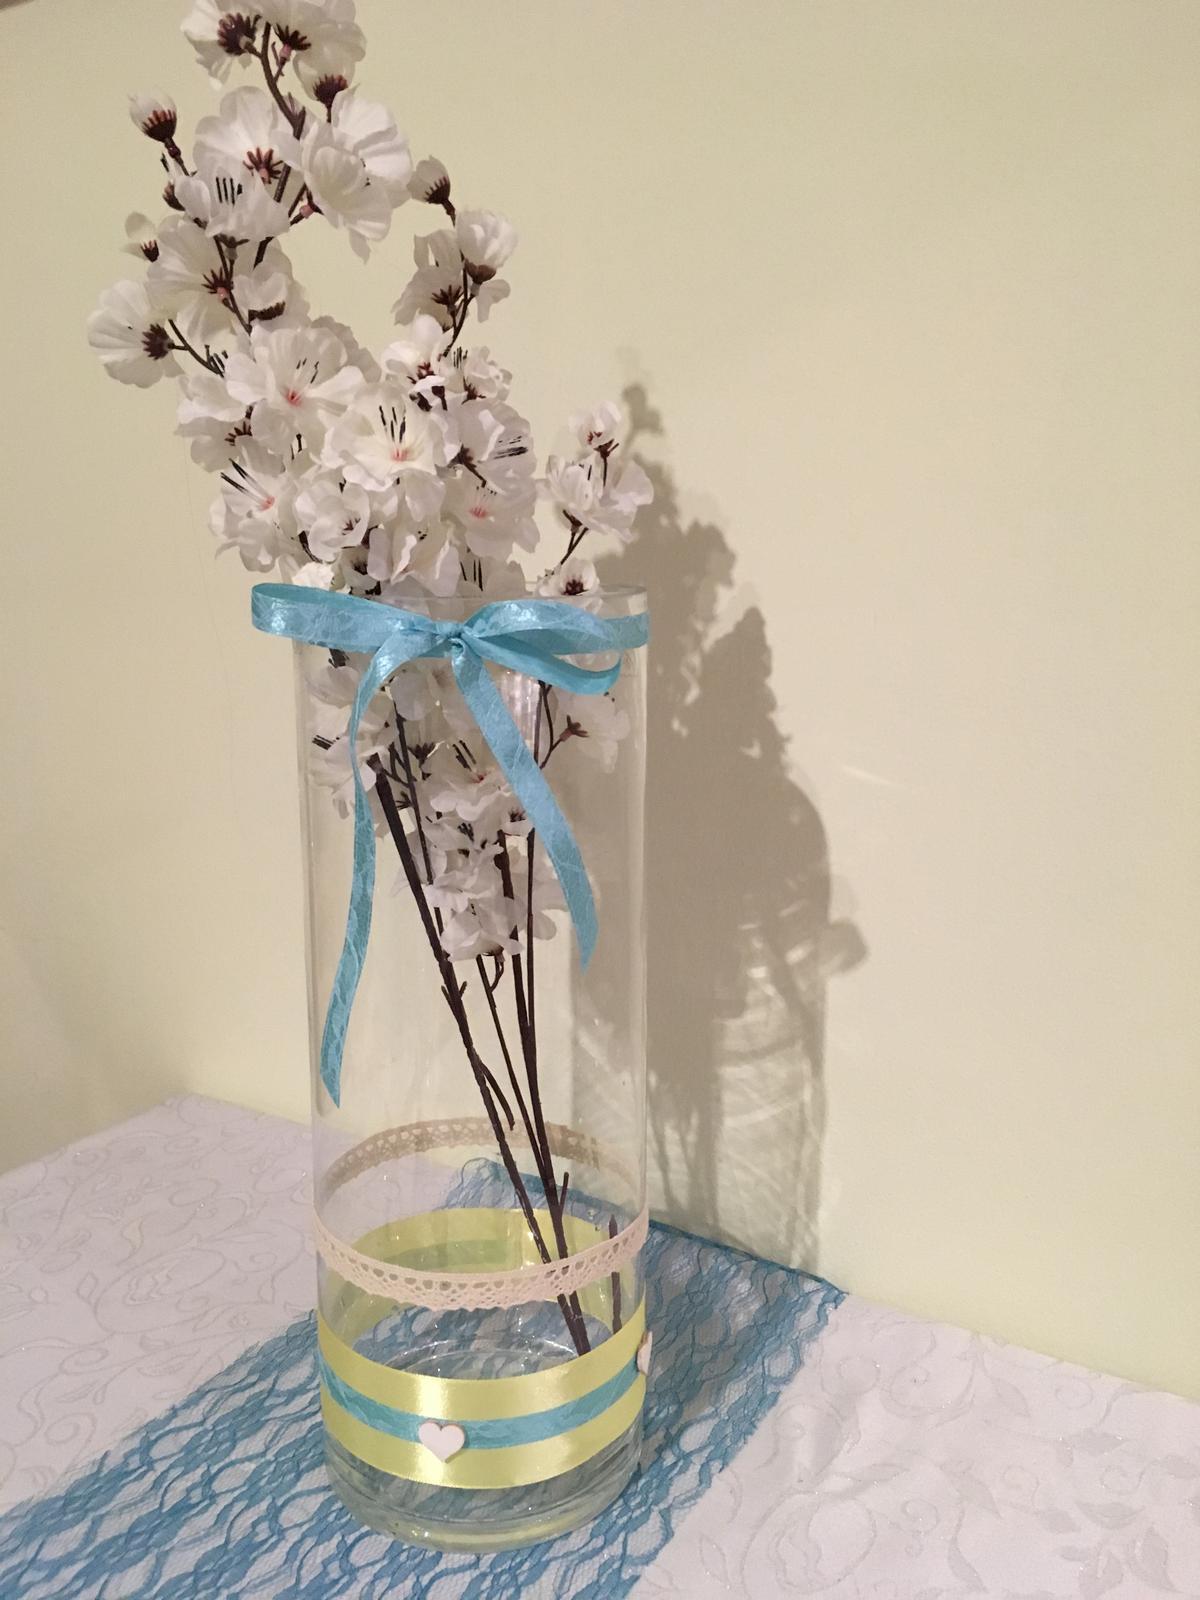 Váza zdobená - Obrázek č. 1